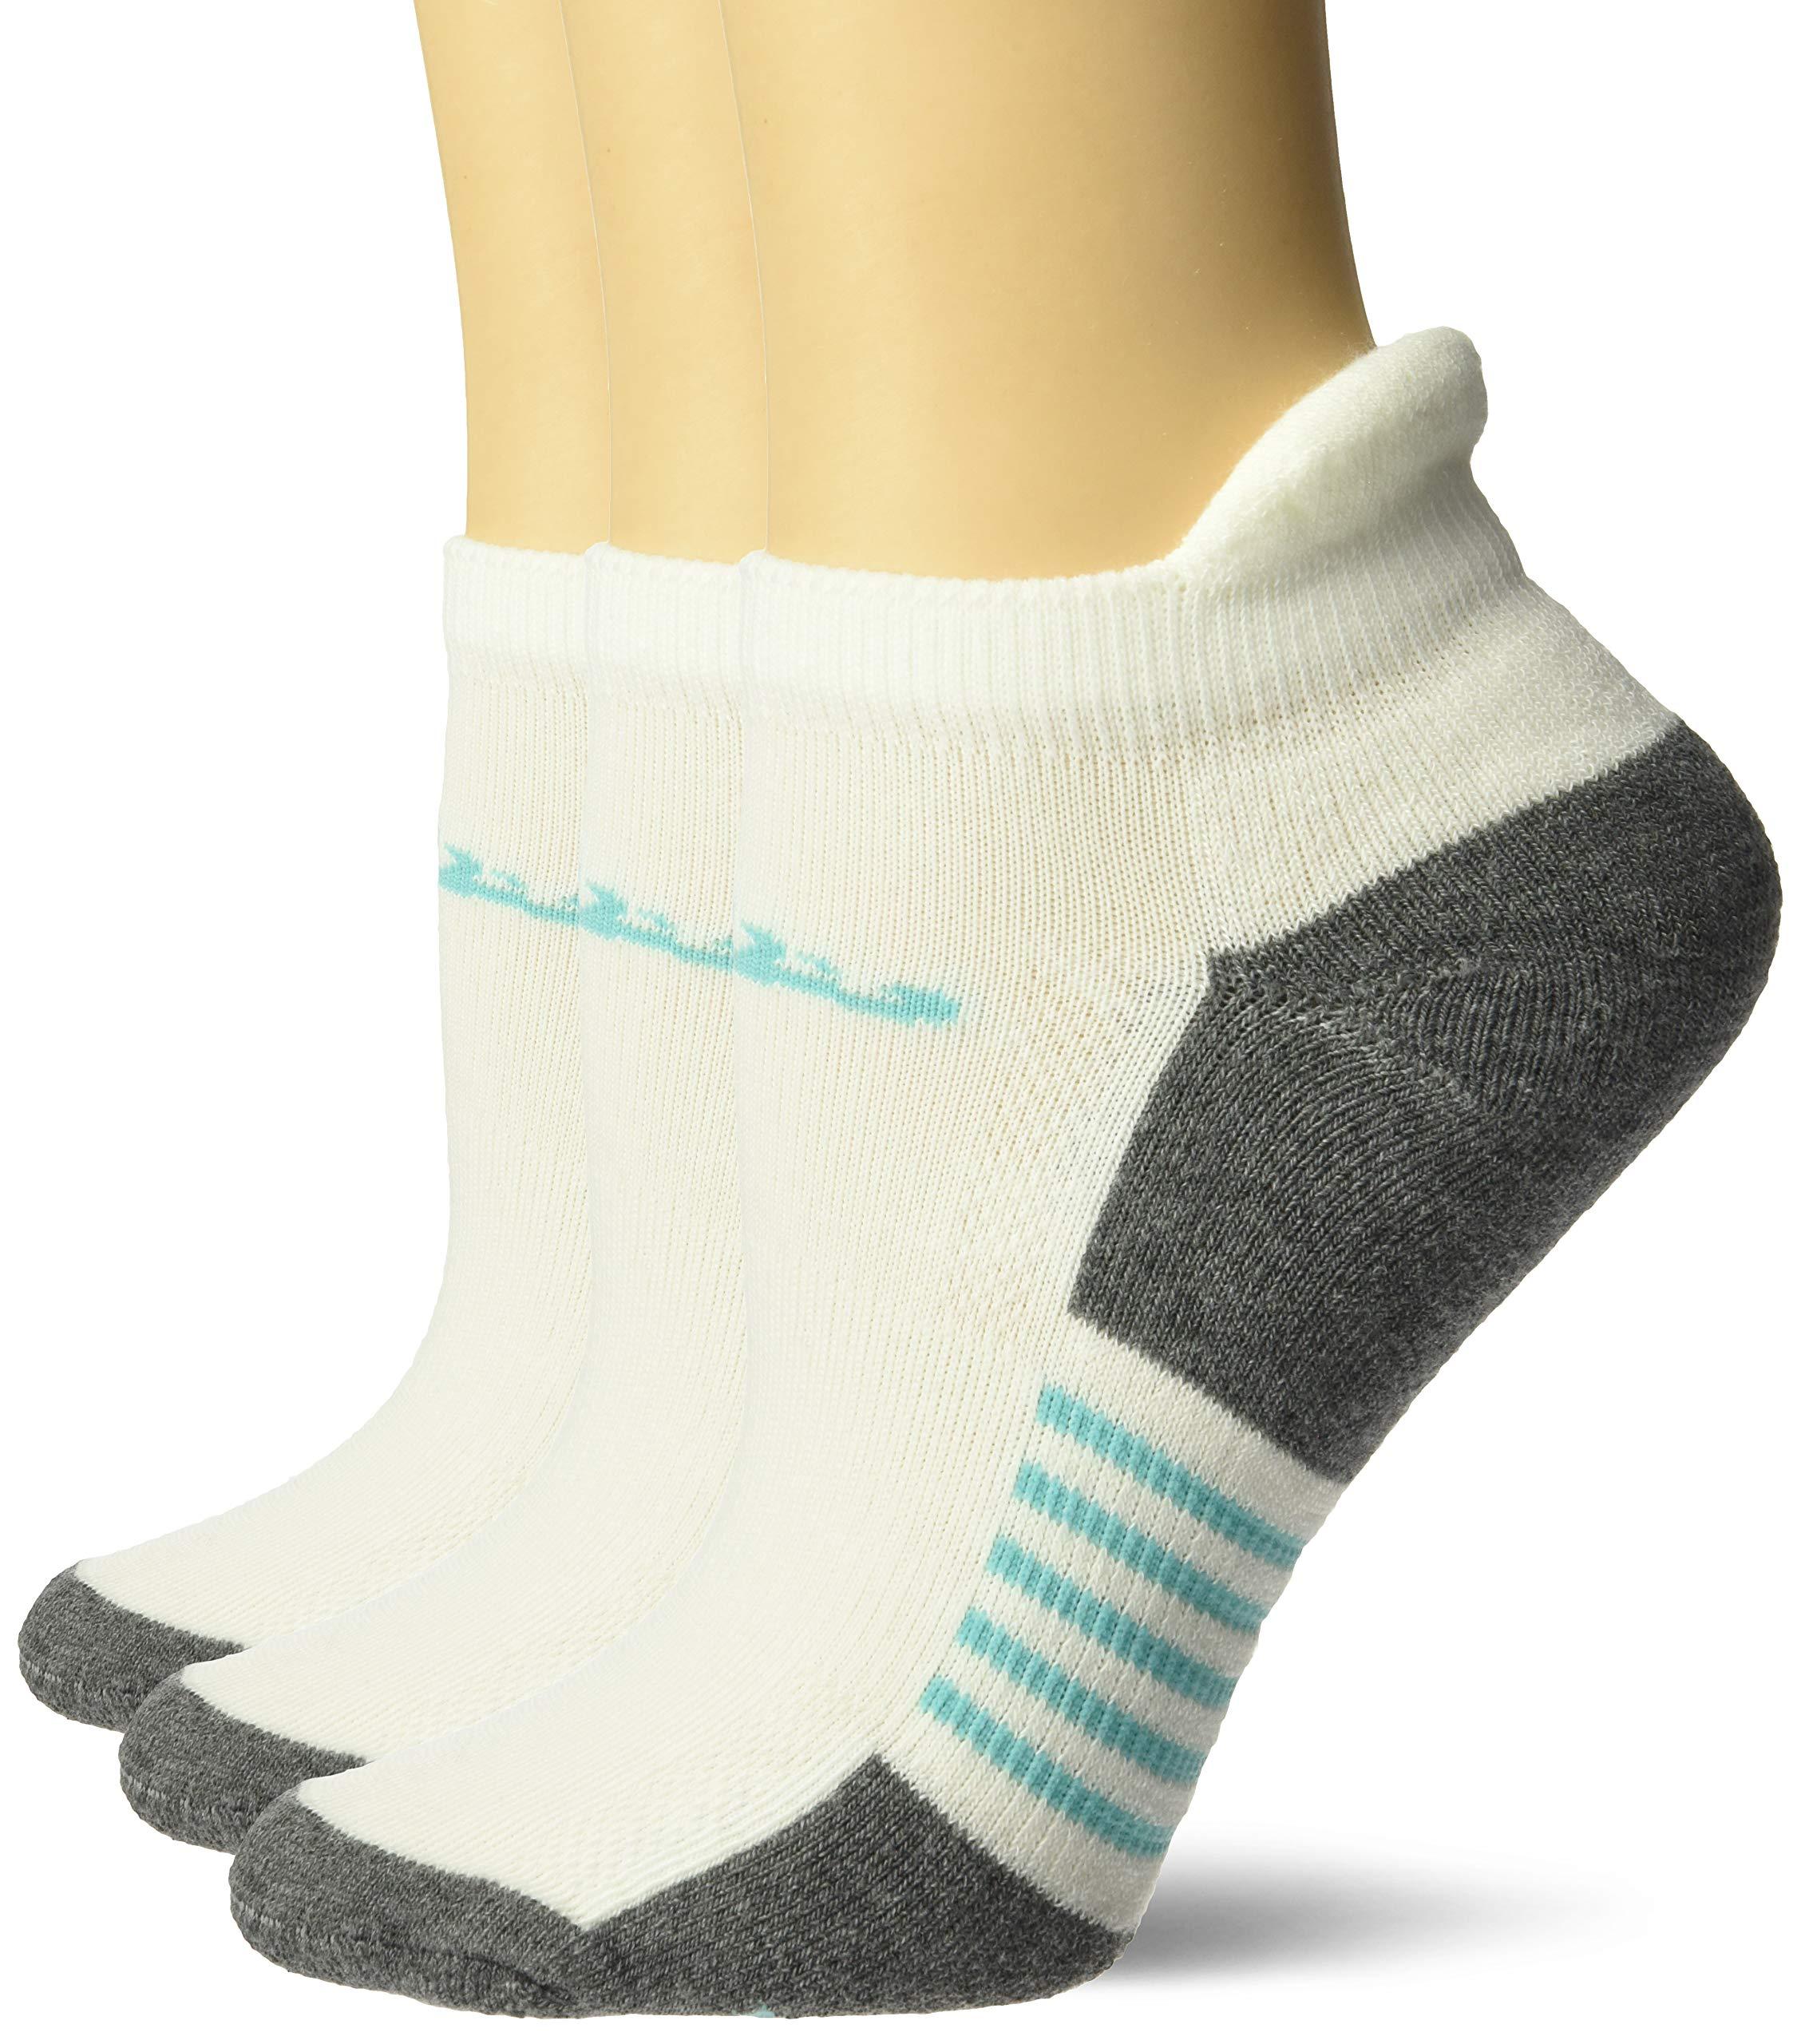 Drake Women's Elimishield Ultra-Dri Low Cut Tab Sport Socks 3 Pair Pack